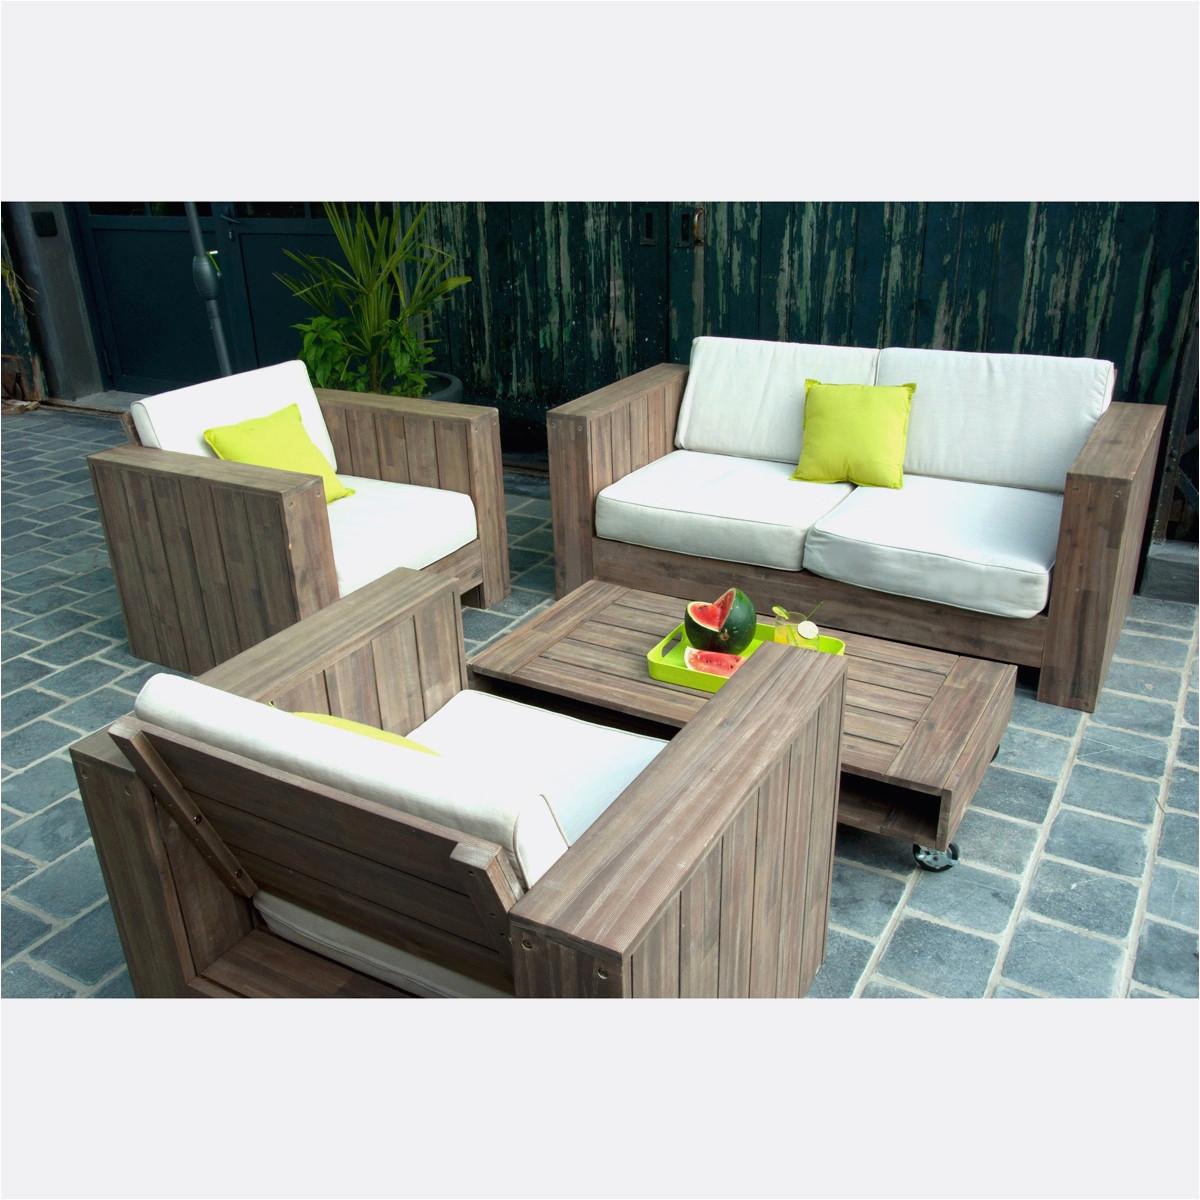 salon de jardin corona gifi jardin. Black Bedroom Furniture Sets. Home Design Ideas